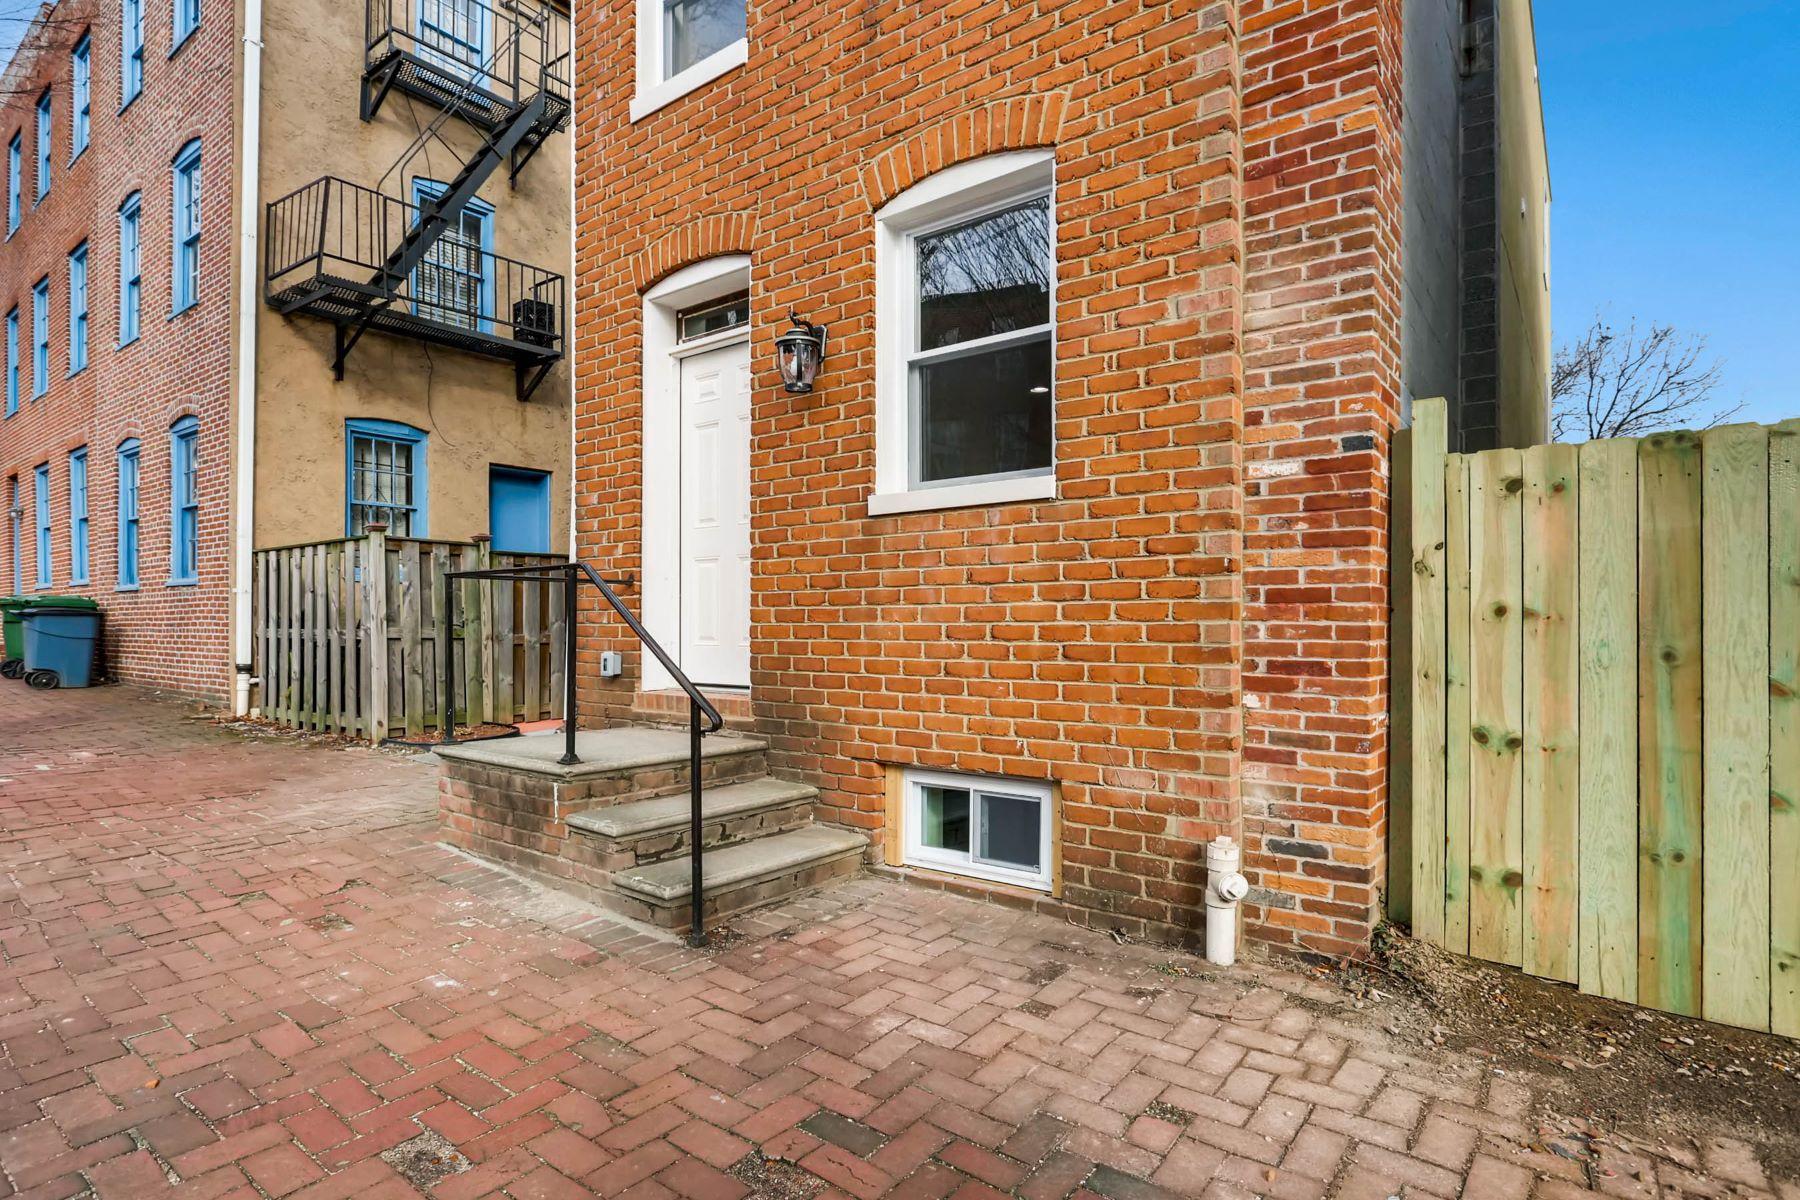 独户住宅 为 销售 在 Hollin's Park 103 Scott Street, 巴尔的摩, 马里兰州, 21201 美国